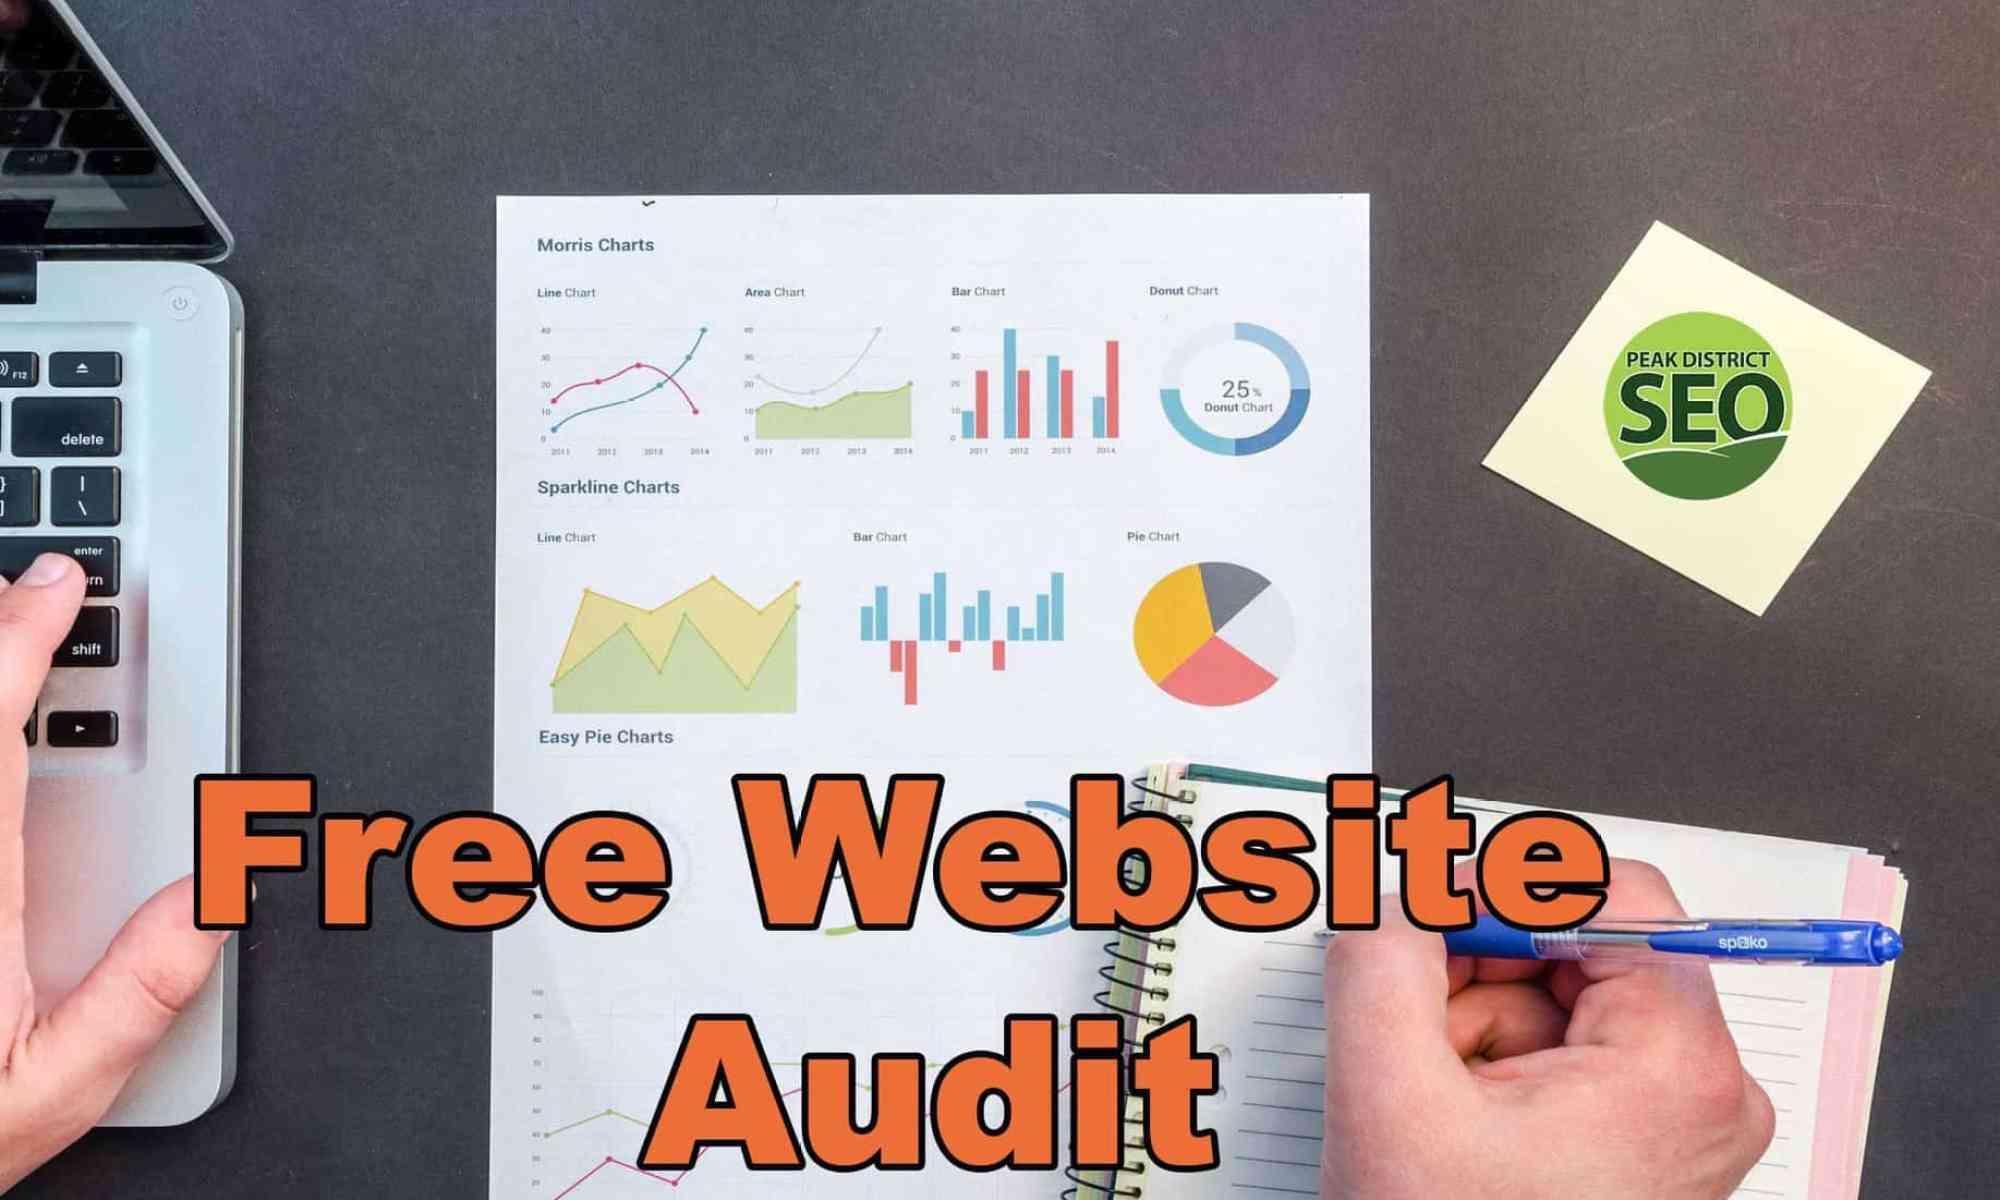 Free Website Audit